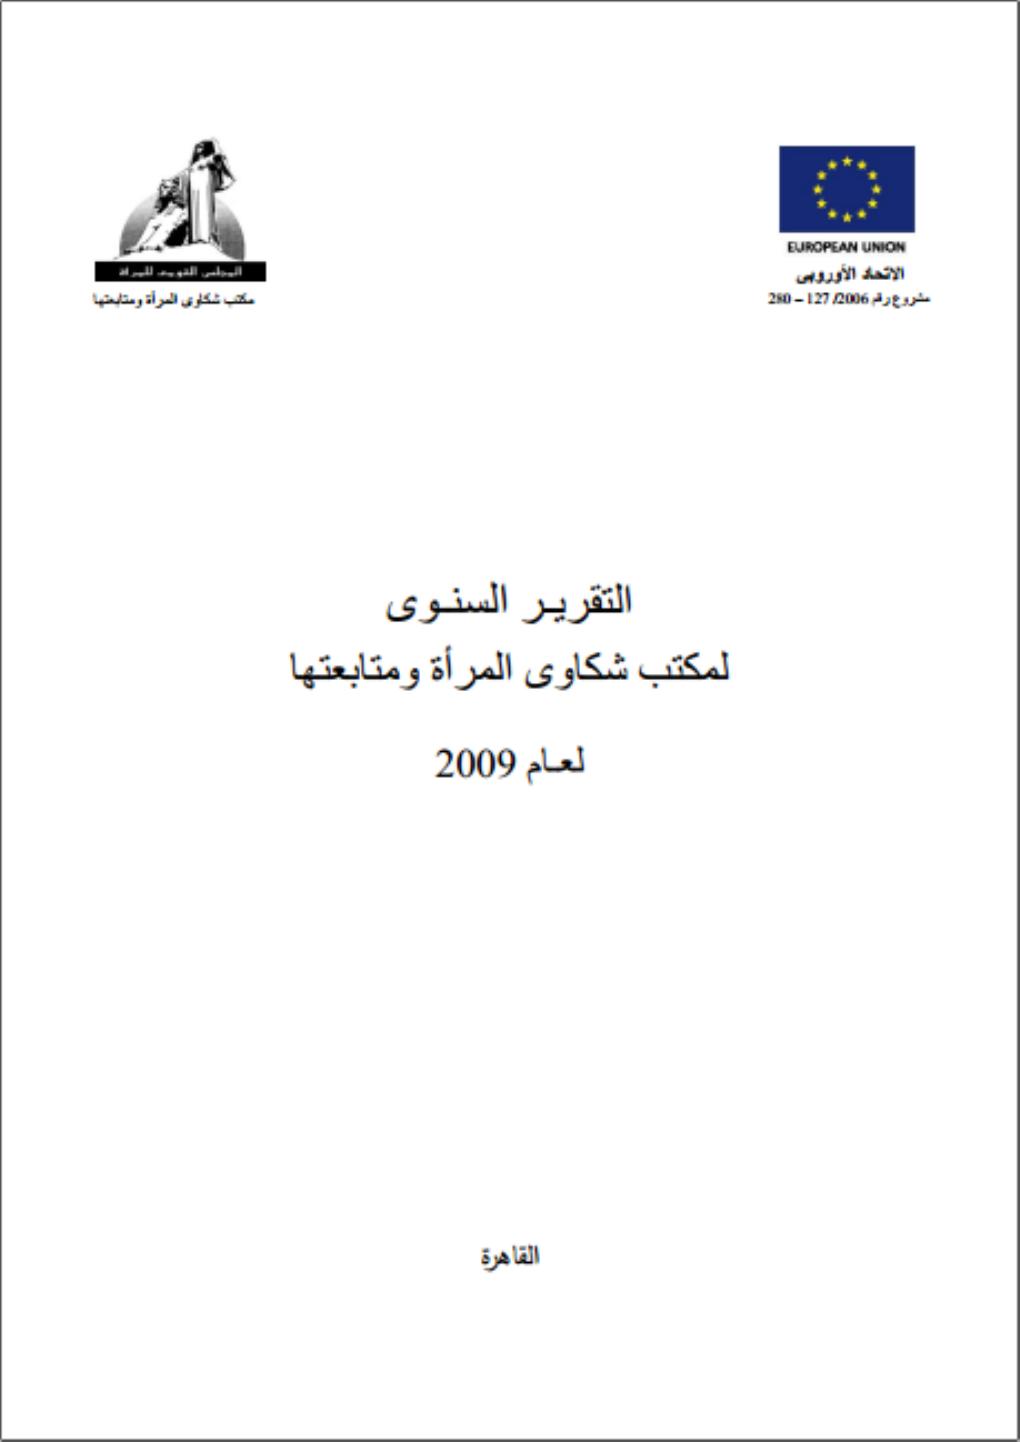 التقرير السنوى لمكتب شكاوي المرأة ومتابعتها لسنة 2009